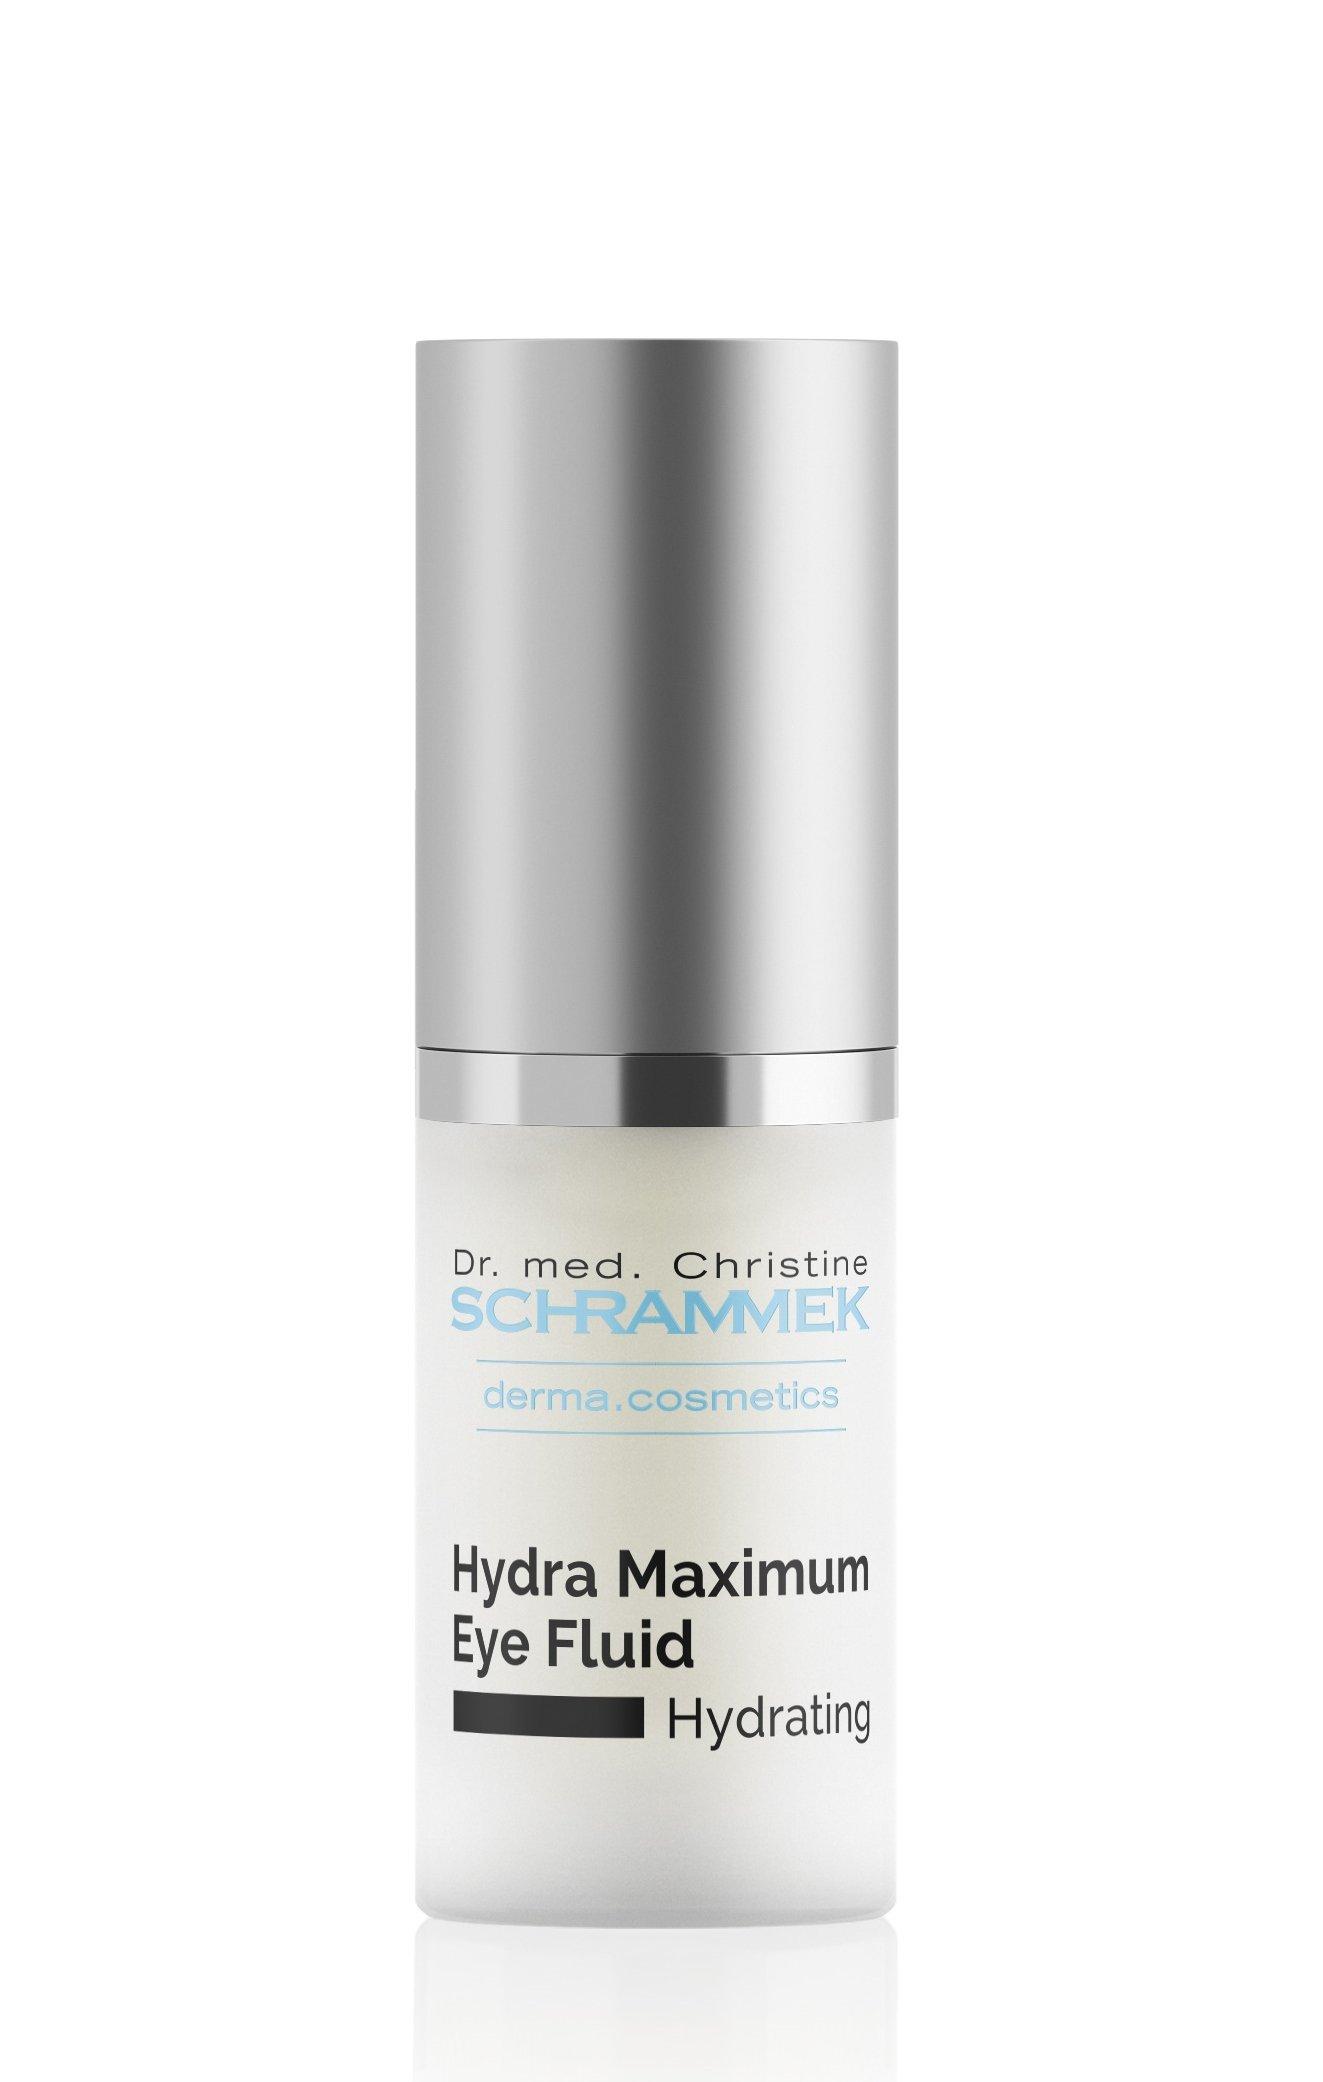 Dr Schrammek Hydra Maximum Hydrating Eye Fluid 0.5oz